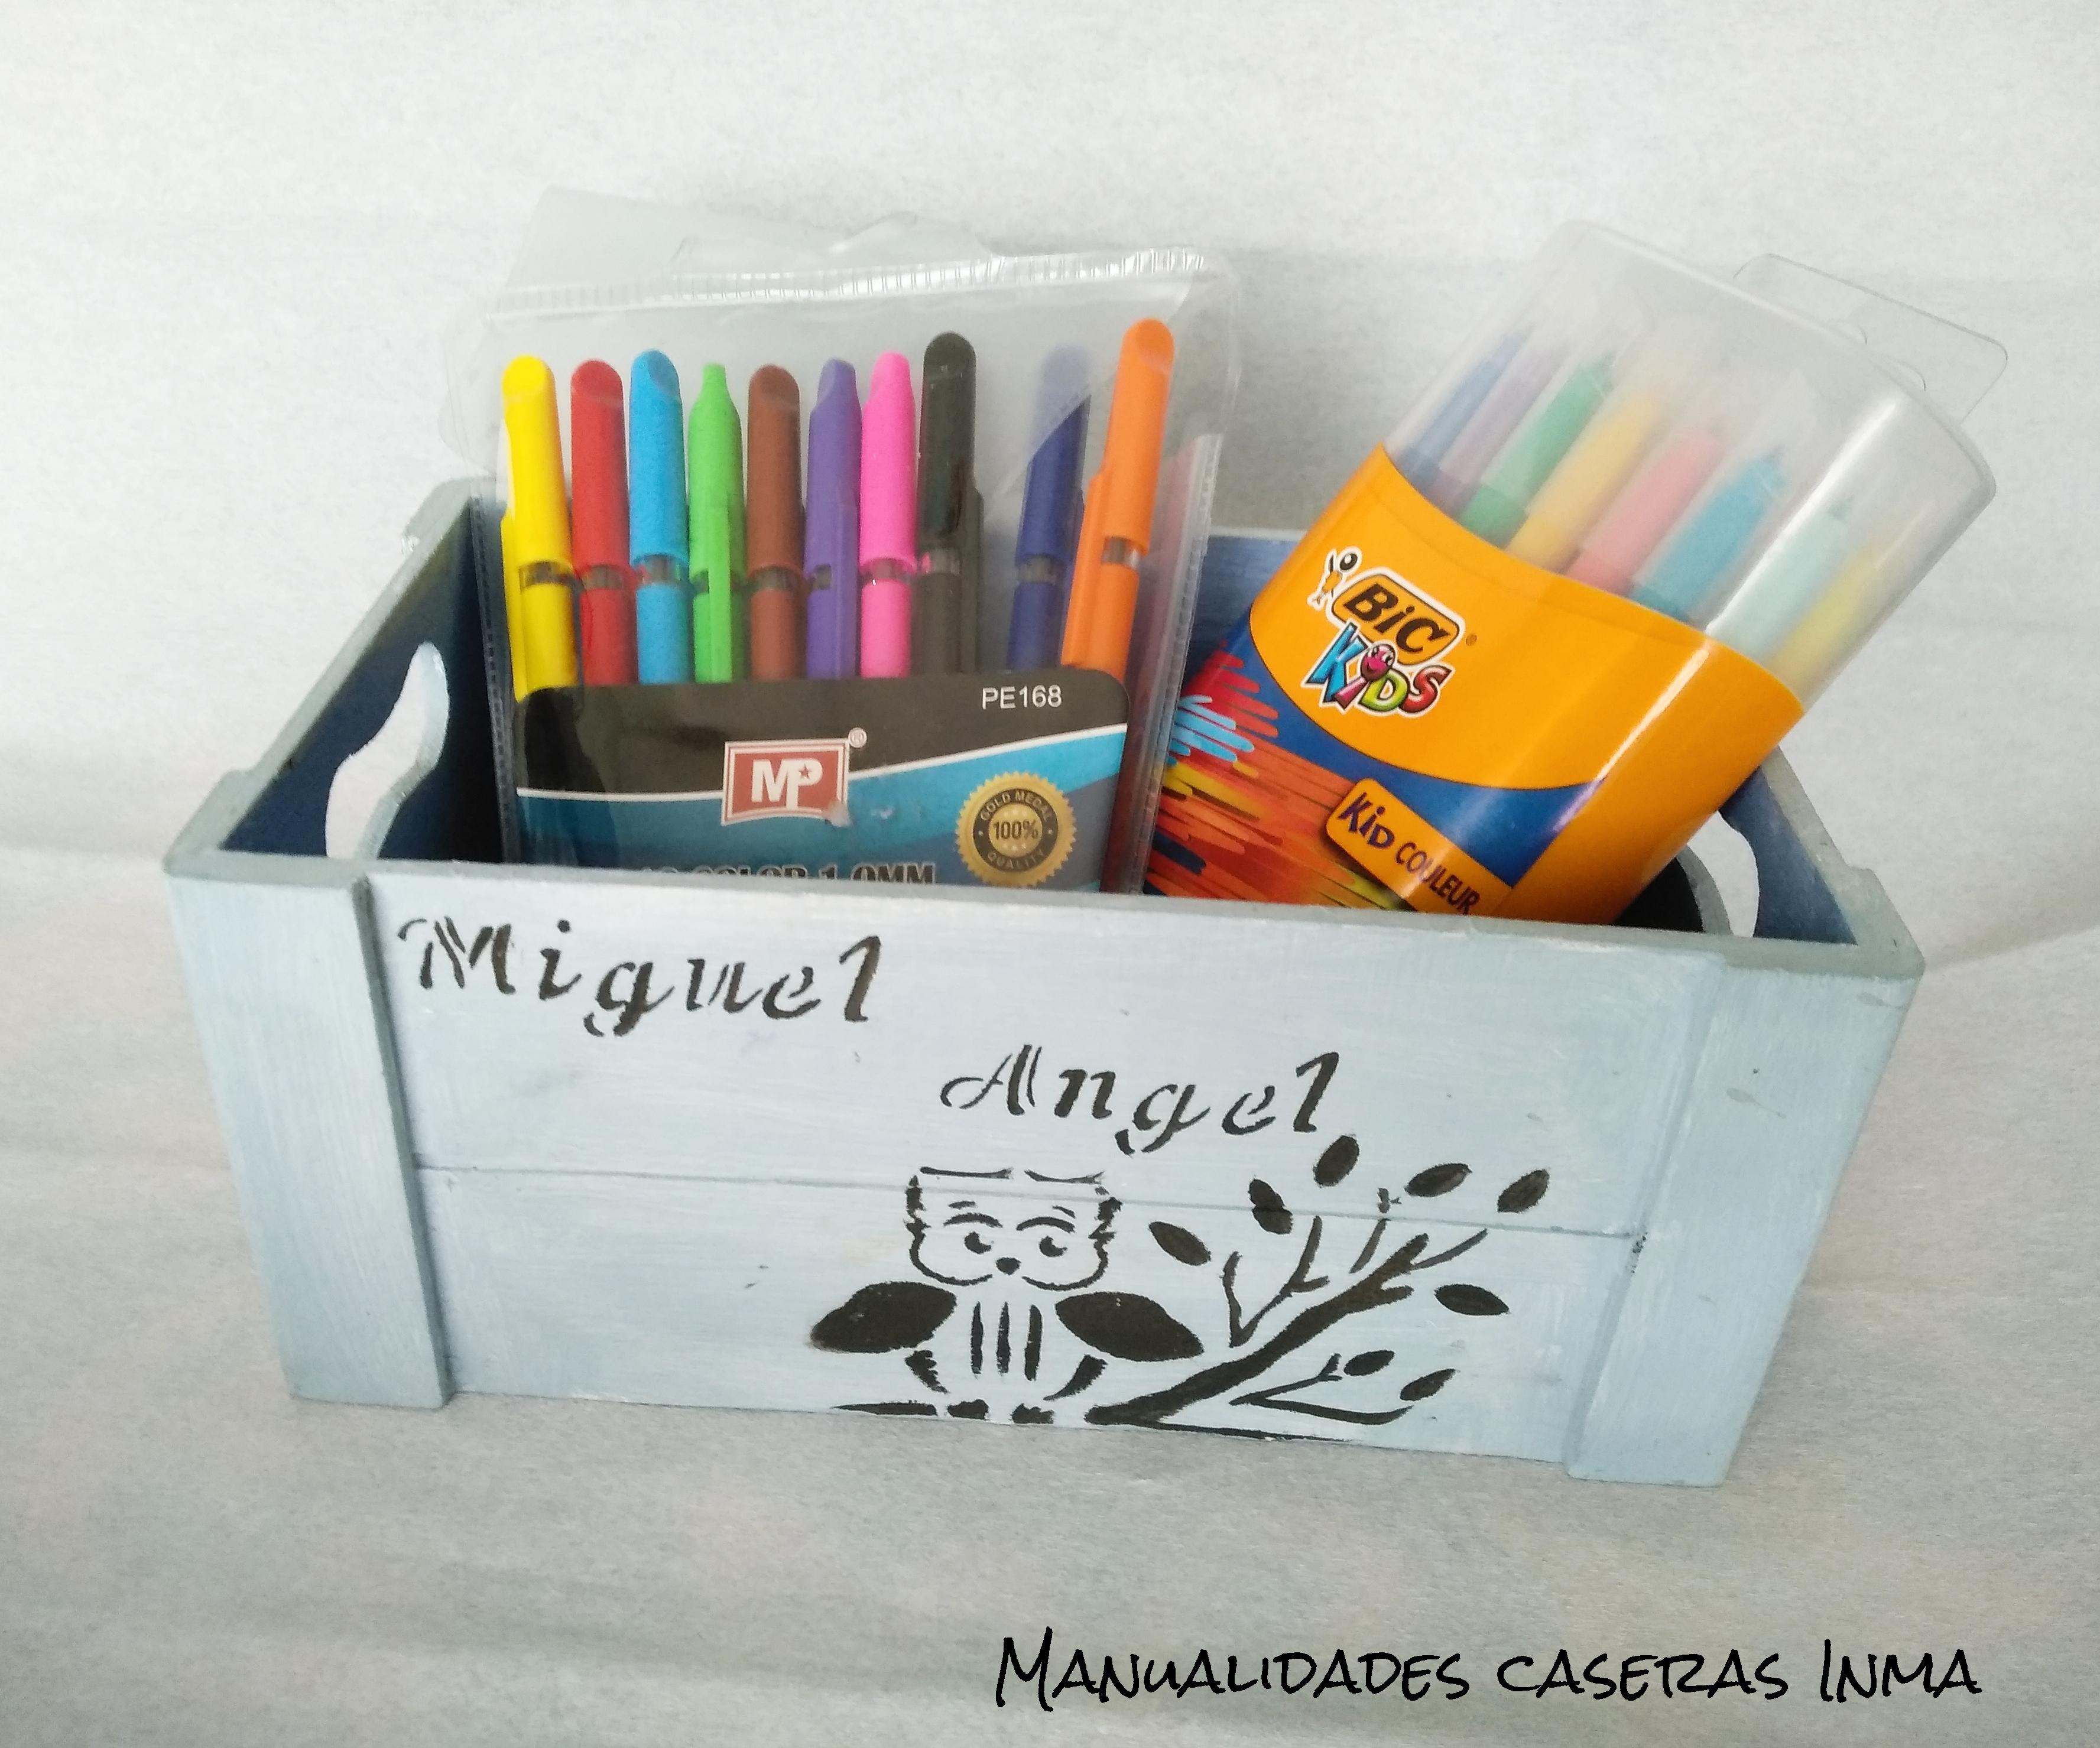 Manualidades Caseras Inma_ cajas para chuches pintadas en dos tonos de azules personalizadas